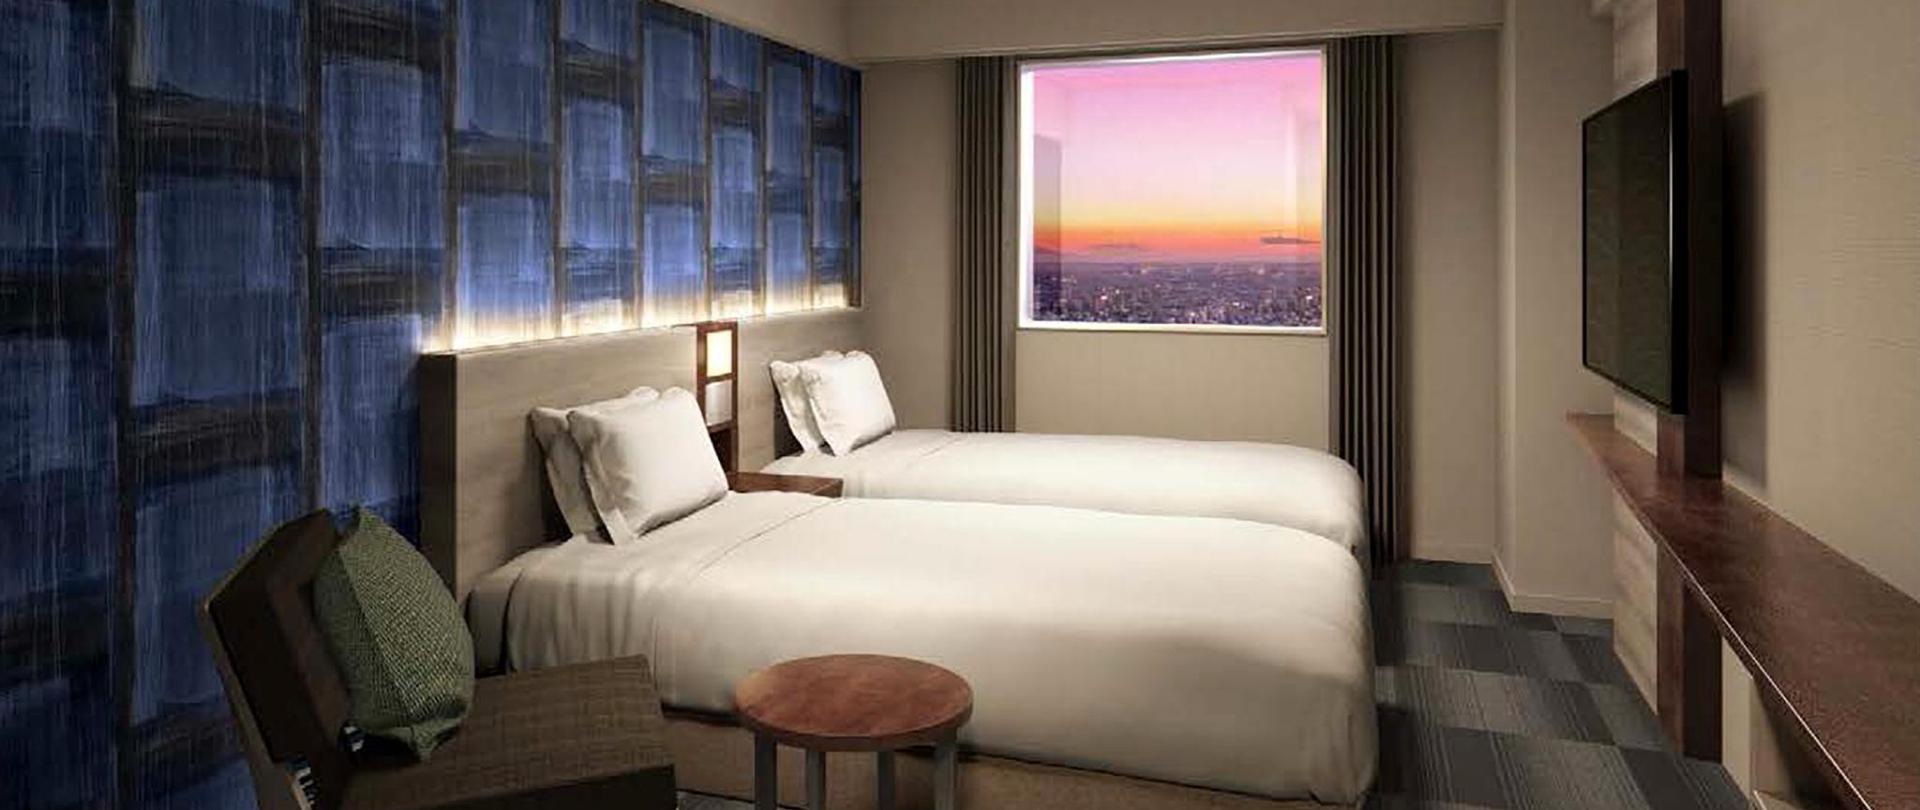 Kawagoe Tobu -hotelli